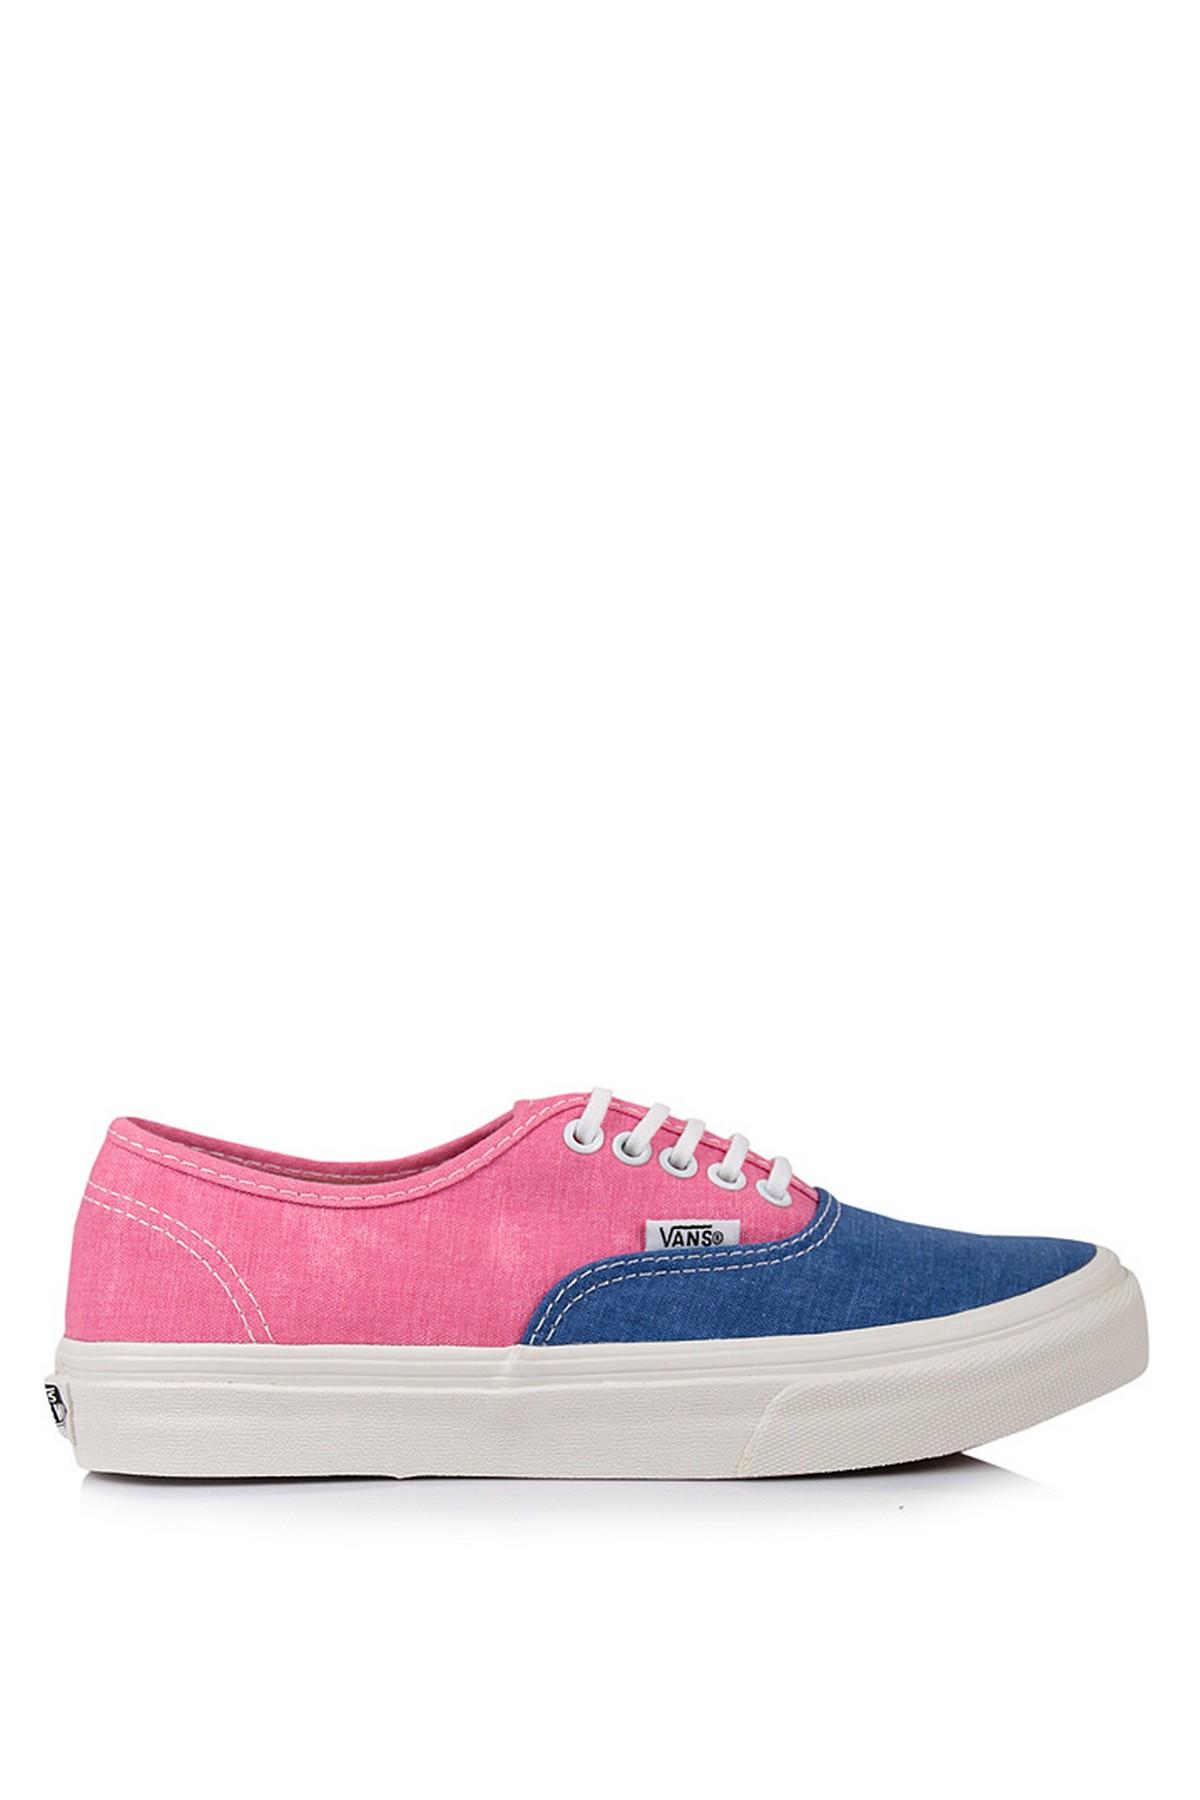 Vans Authentic Günlük Kadın Ayakkabı Pembe-Mavi Renk (VXG6FPU)